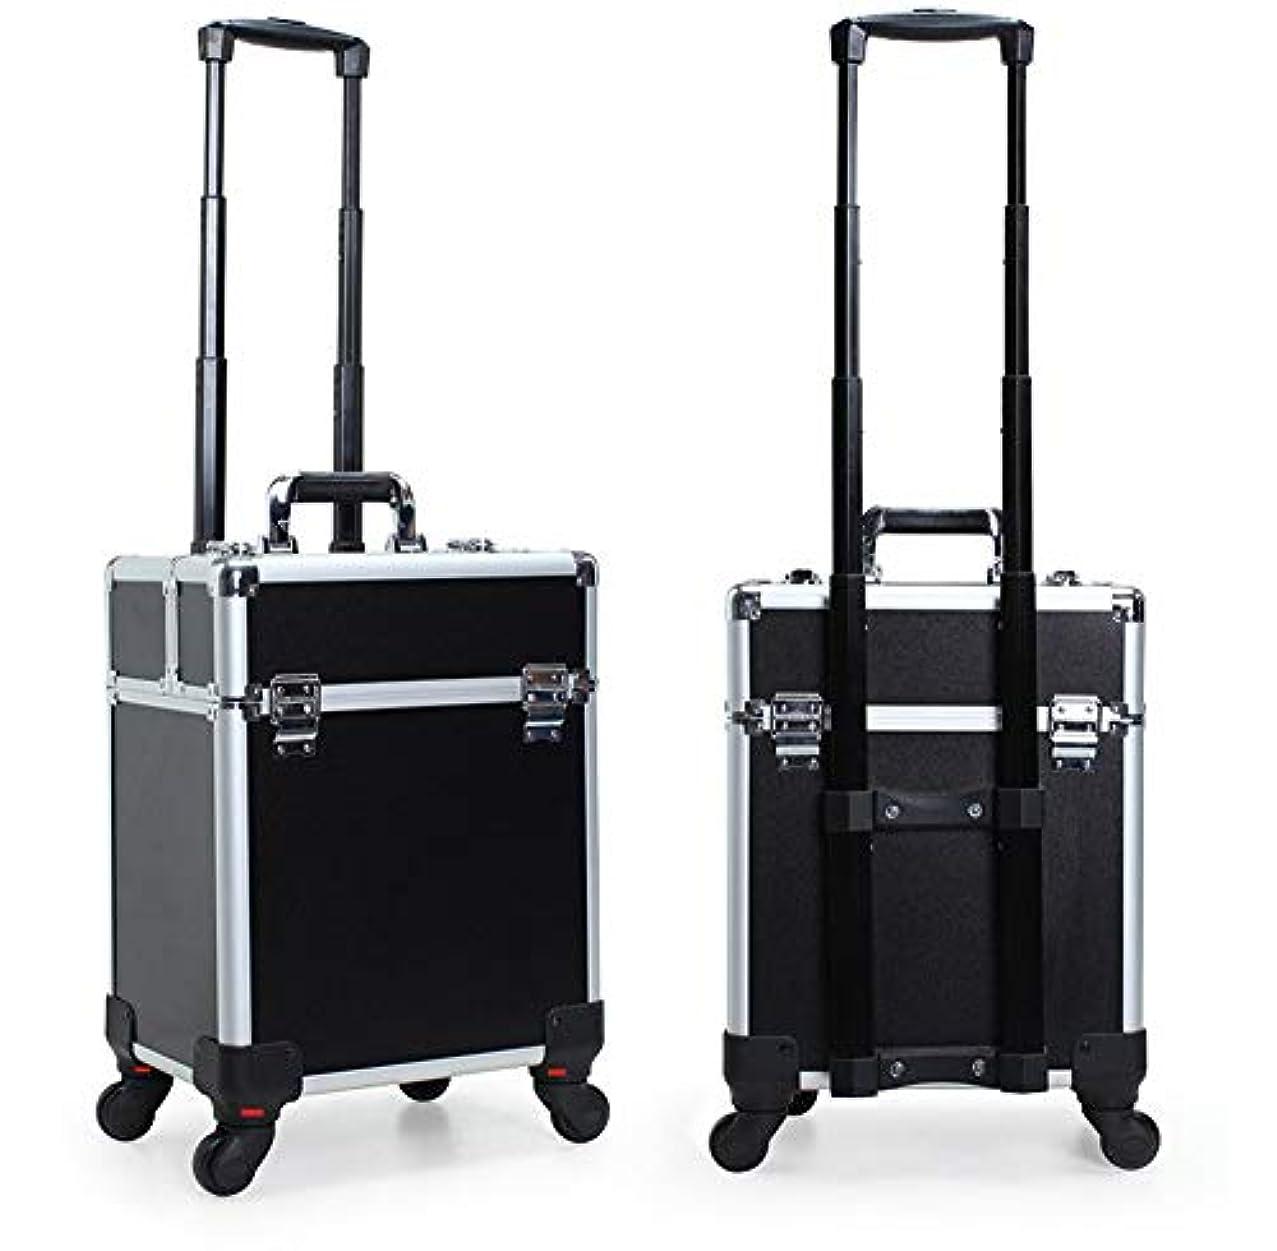 神社ポーター一生GOGOS コスメボックス 大容量 プロ仕様 メイクボックス スーツケース型 化粧品収納ボックス 4輪 キャスター付き アルミ製 出張 携帯 便利